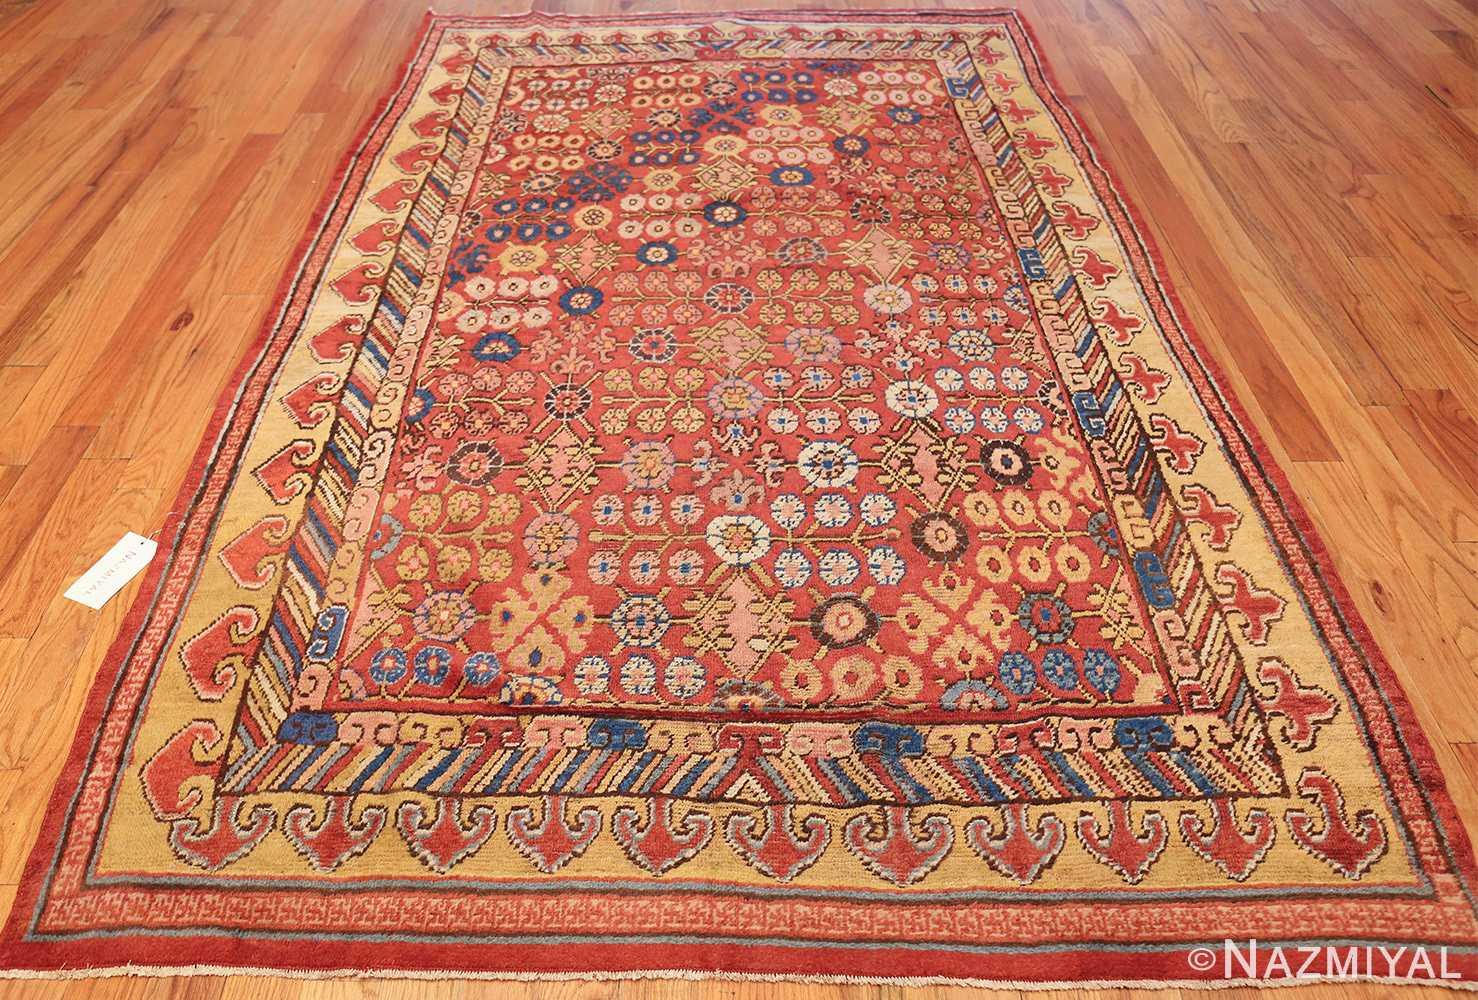 small antique red background khotan rug 49033 whole Nazmiyal